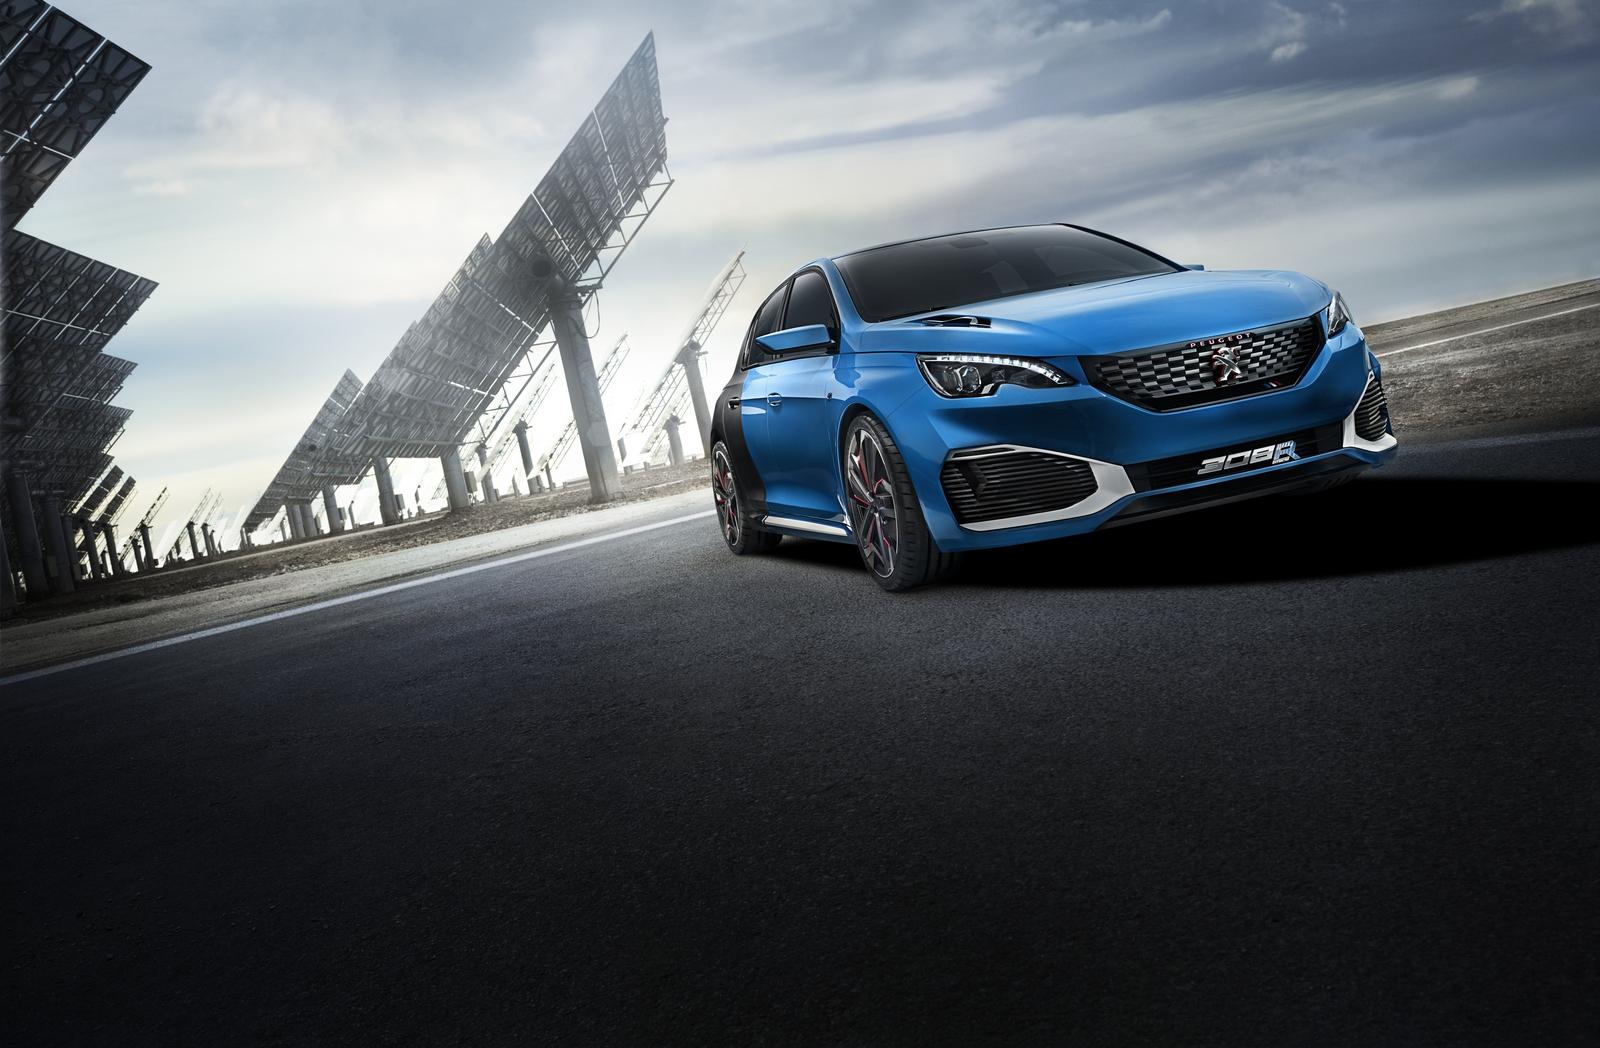 Peugeot 308 R Hybrid: 500 CV de potencia... y además, híbrido 2